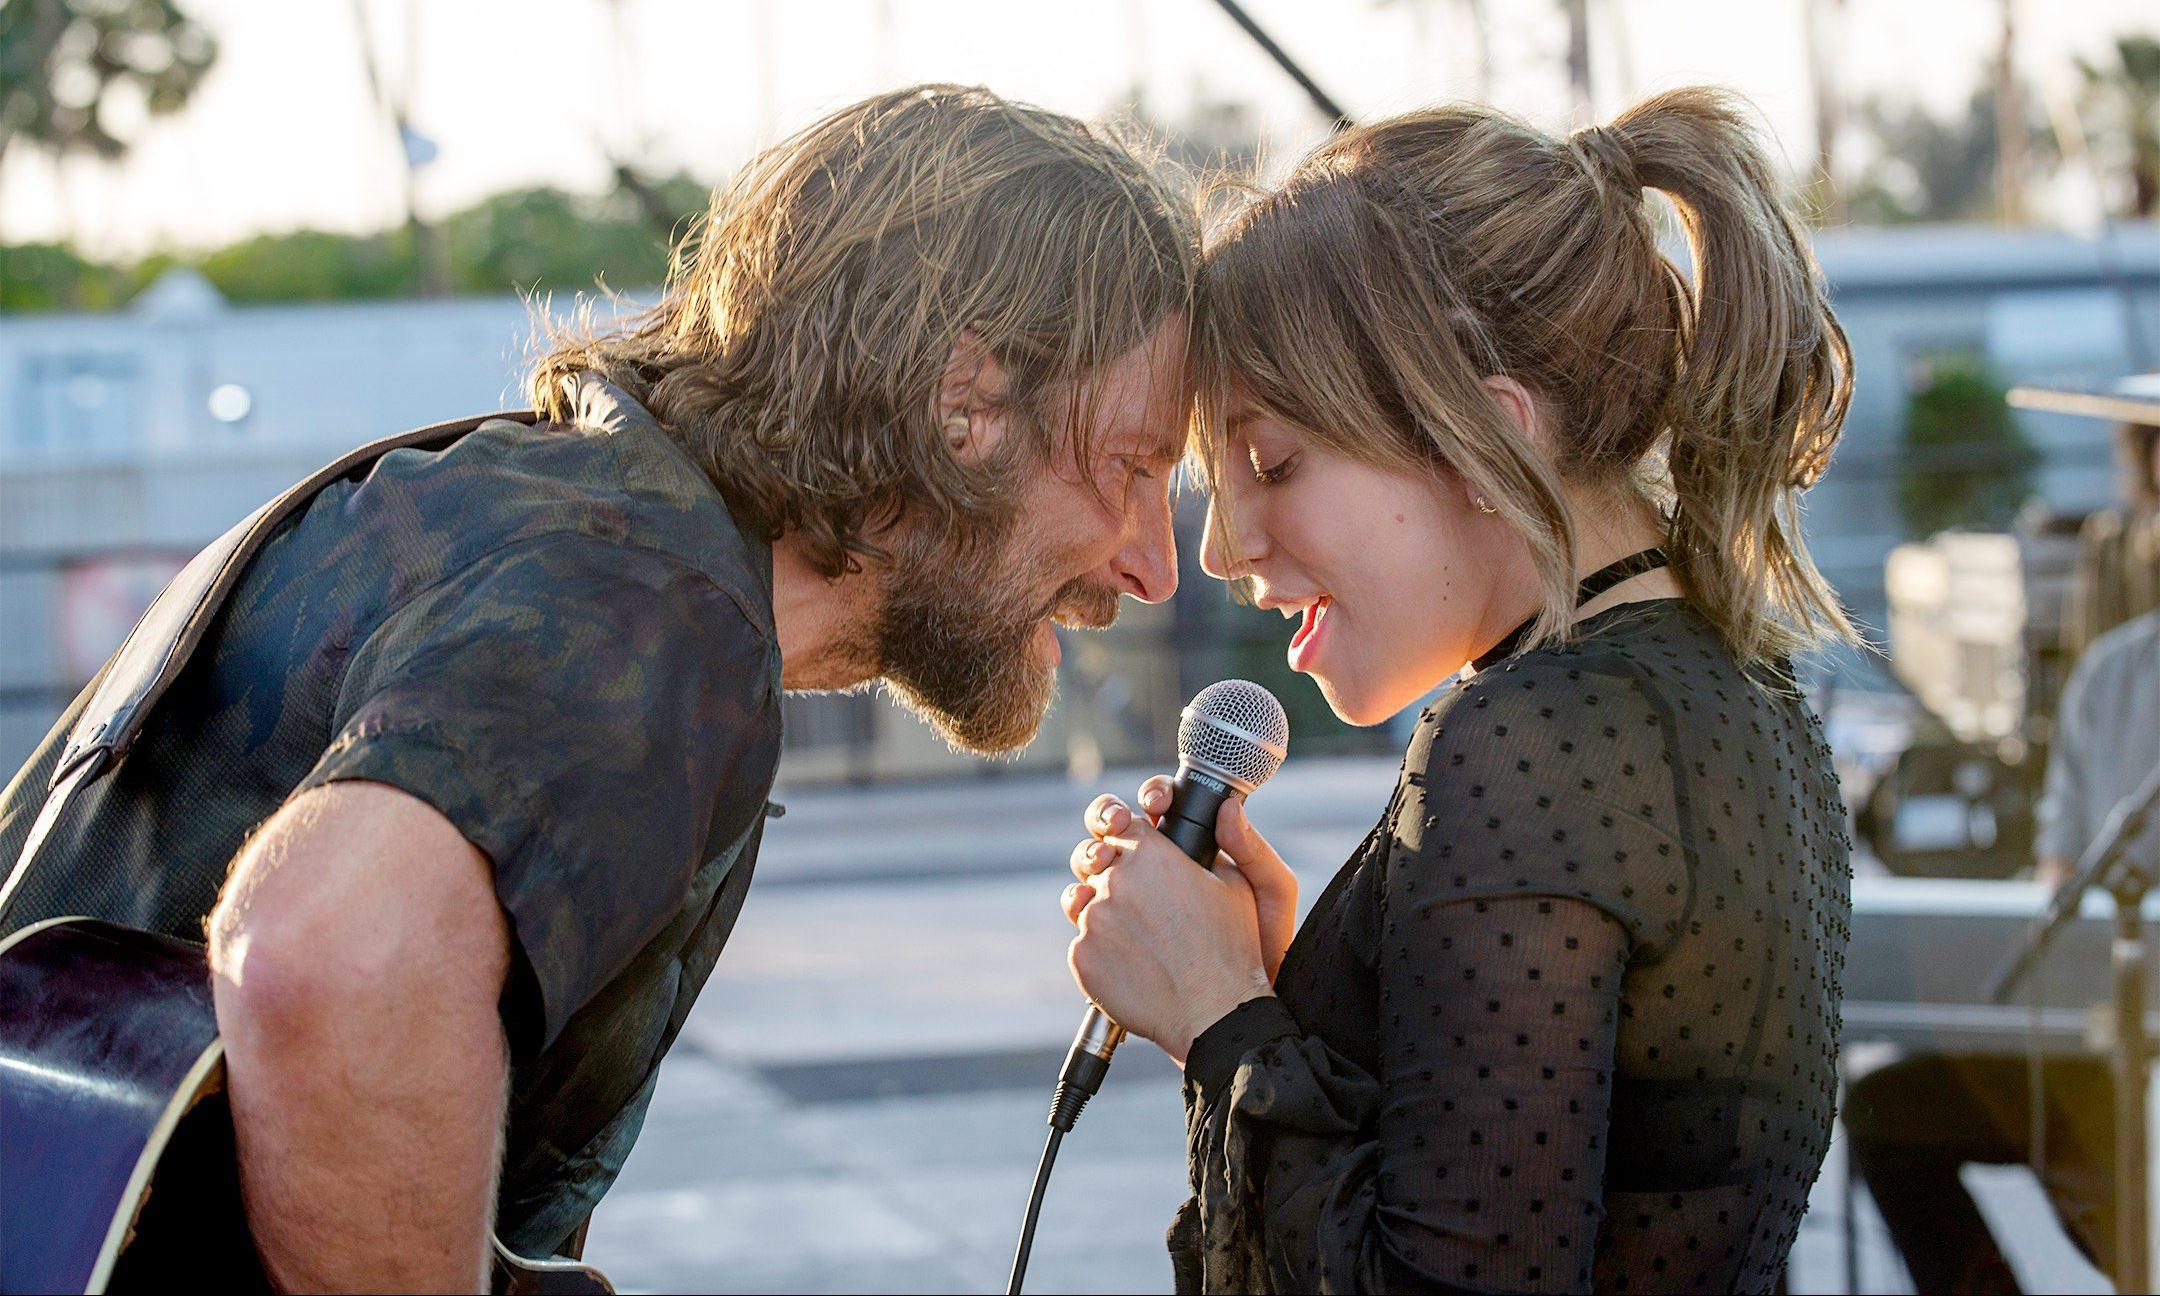 İzleyin: A Star Is Born Filminin İlk Fragmanı Yayınlandı!